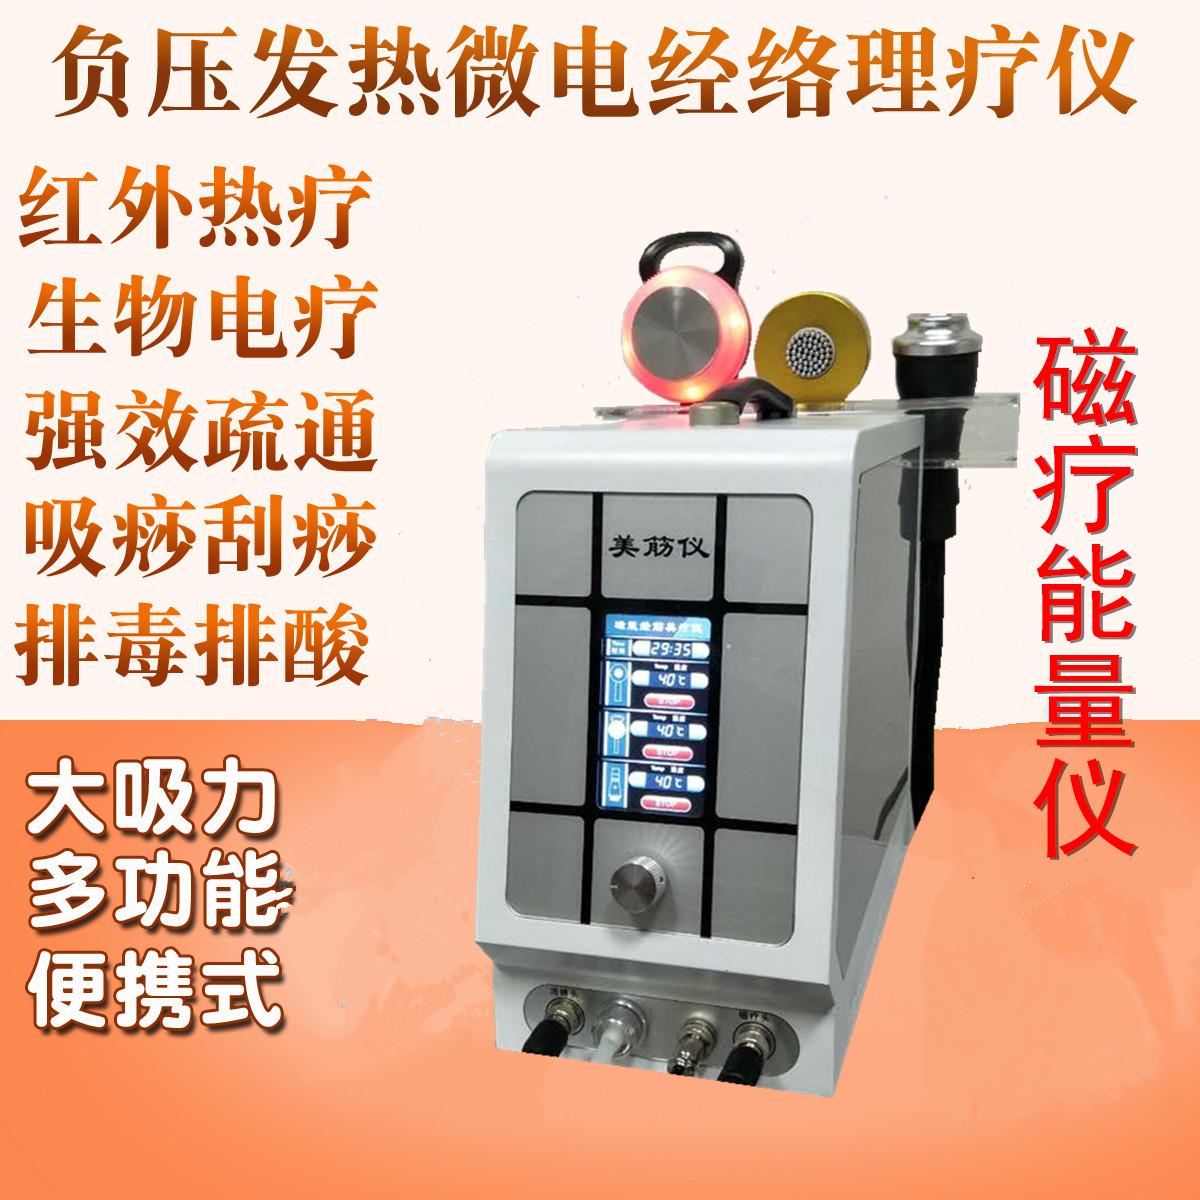 Die gluten - negative energie Gesundheit die Instrumente die kanäle pinsel medizinische Geräte die energie Instrument verstärkt Instrumente